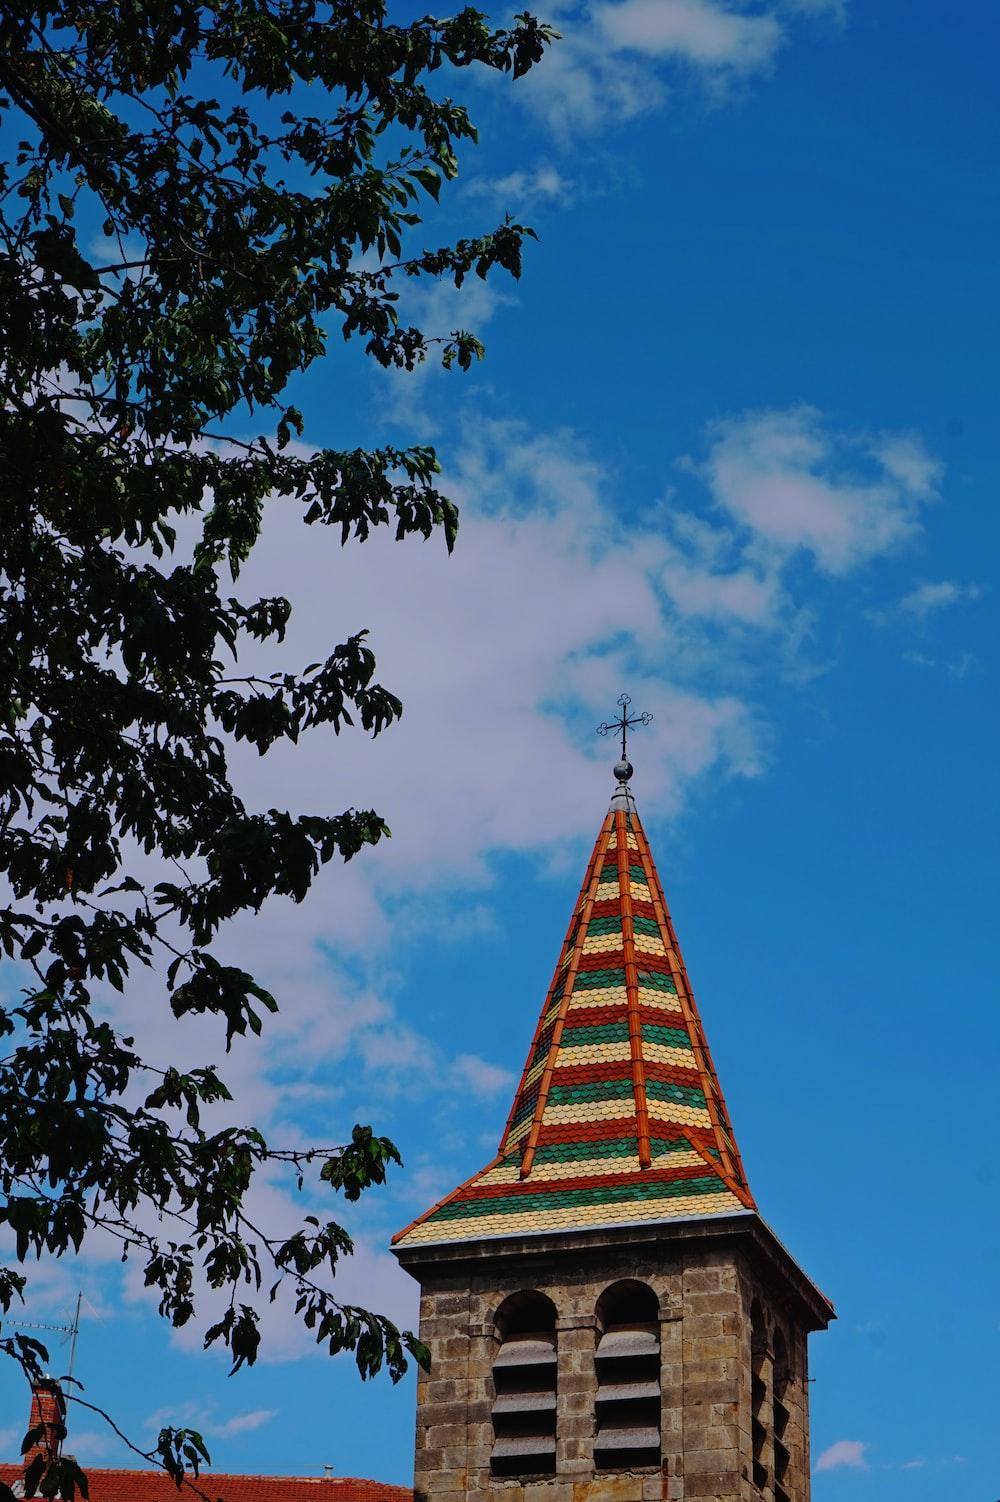 Architecte Le Puy En Velay le puy en velay france pictures   download free images on